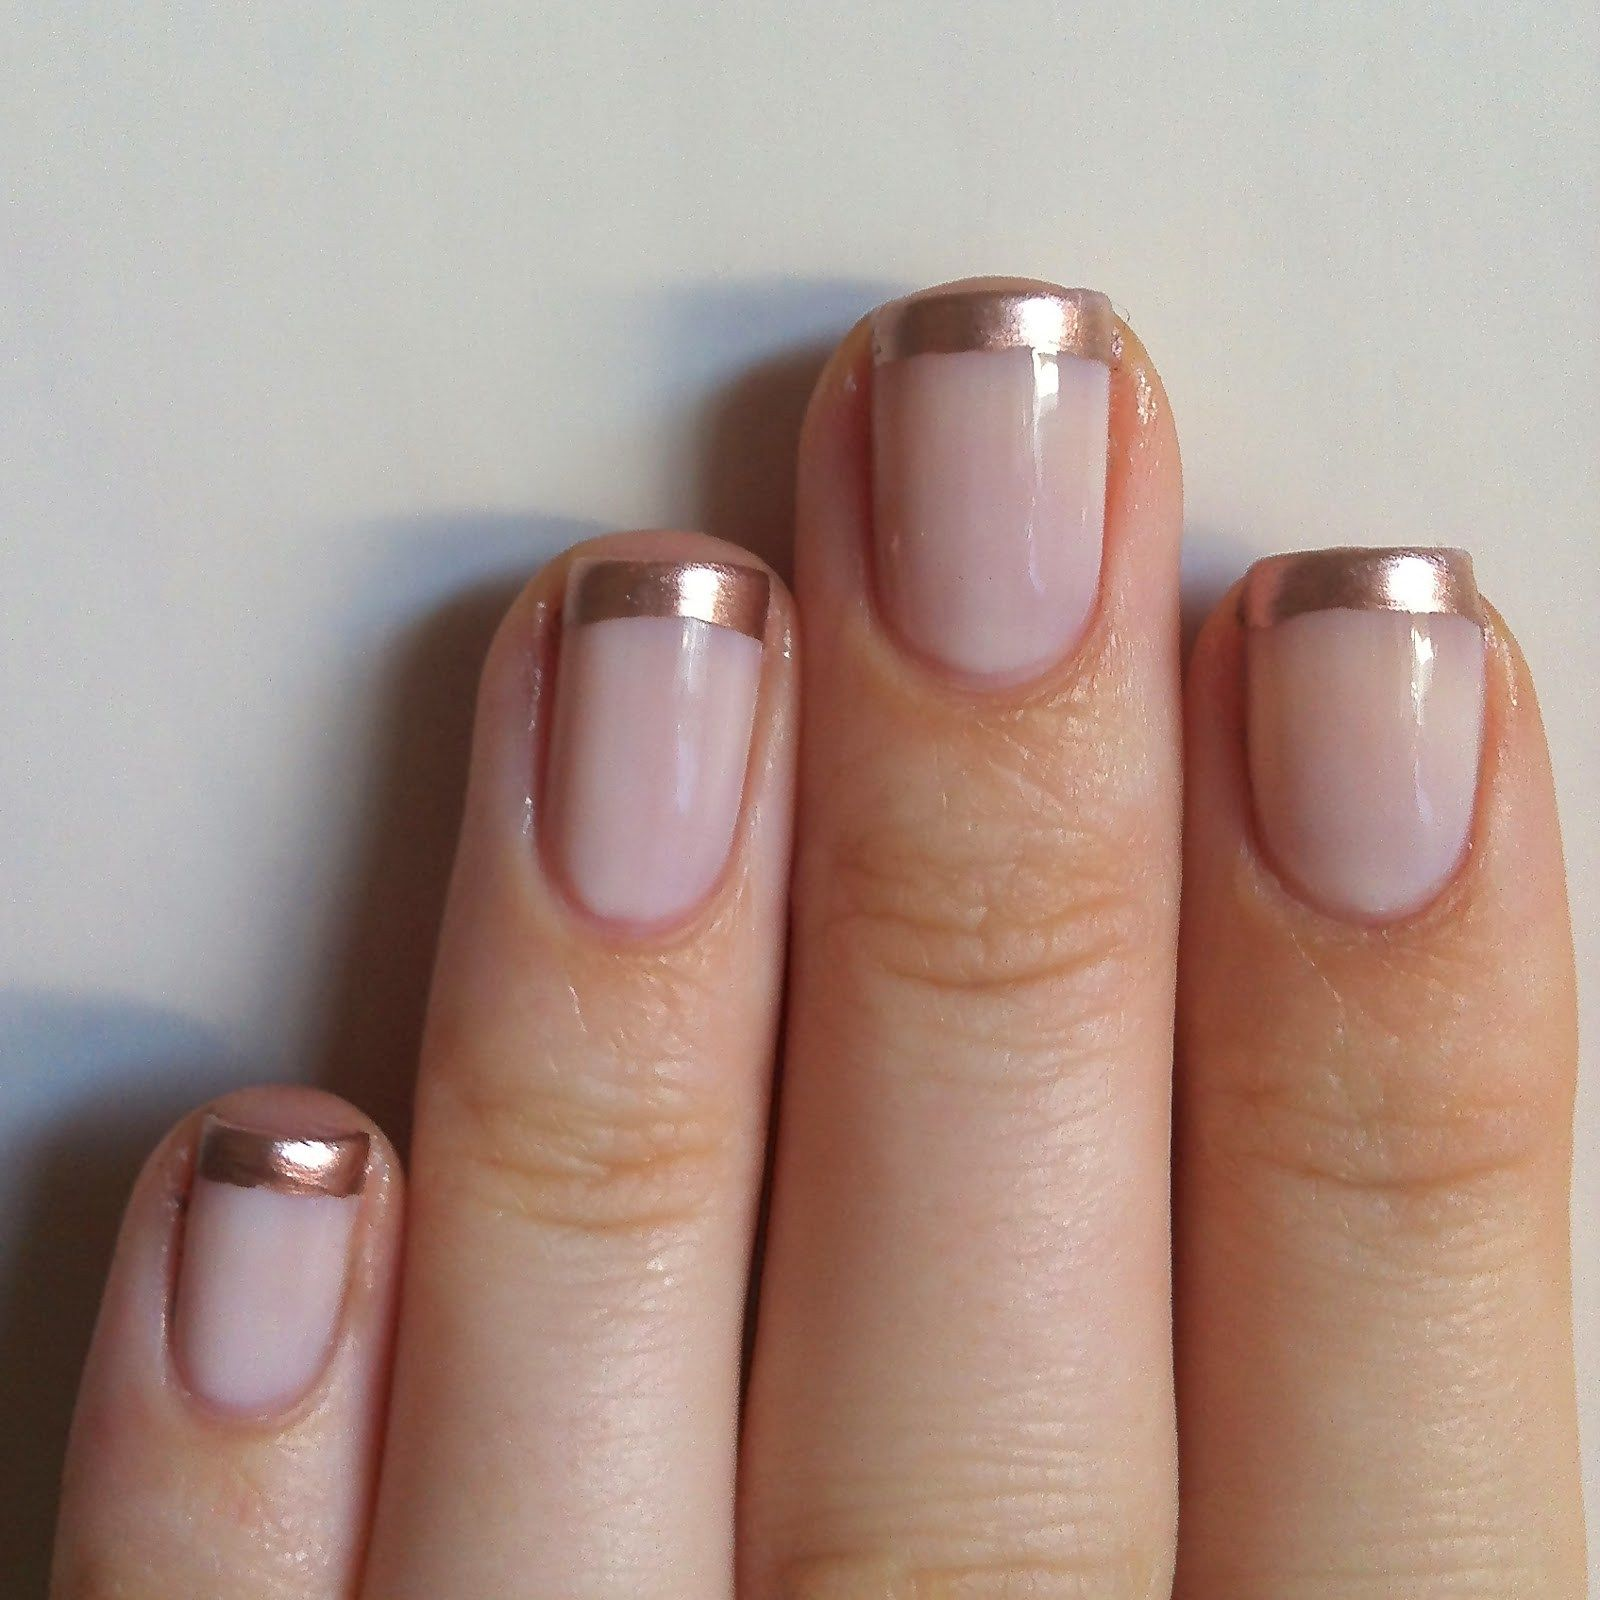 Rose Gold Nails   Nails   Pinterest   Gold nail, Rose and Gold